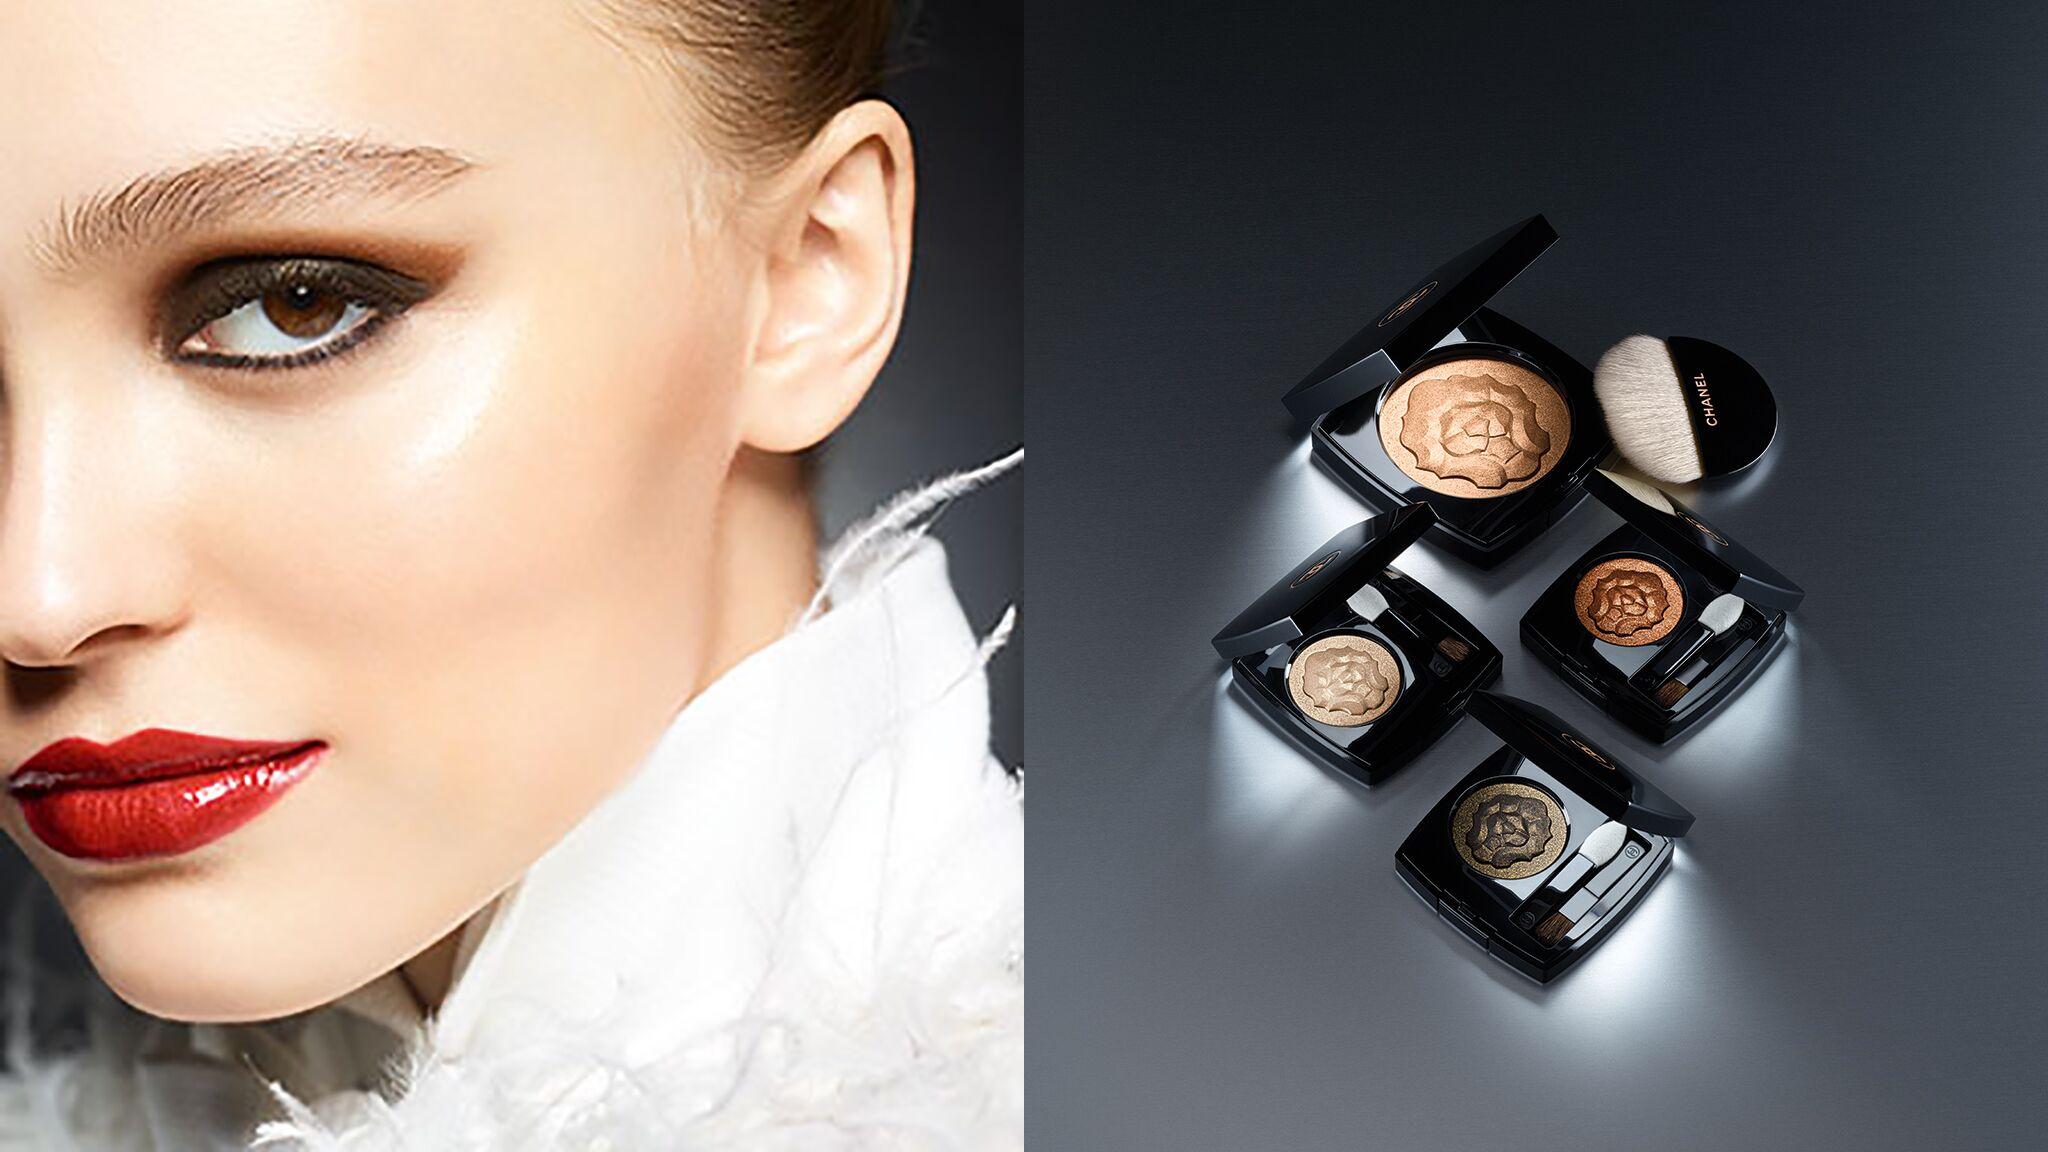 47ed4a494e68 Lily-Rose Depp sublime dans la nouvelle campagne de make-up Chanel - Voici